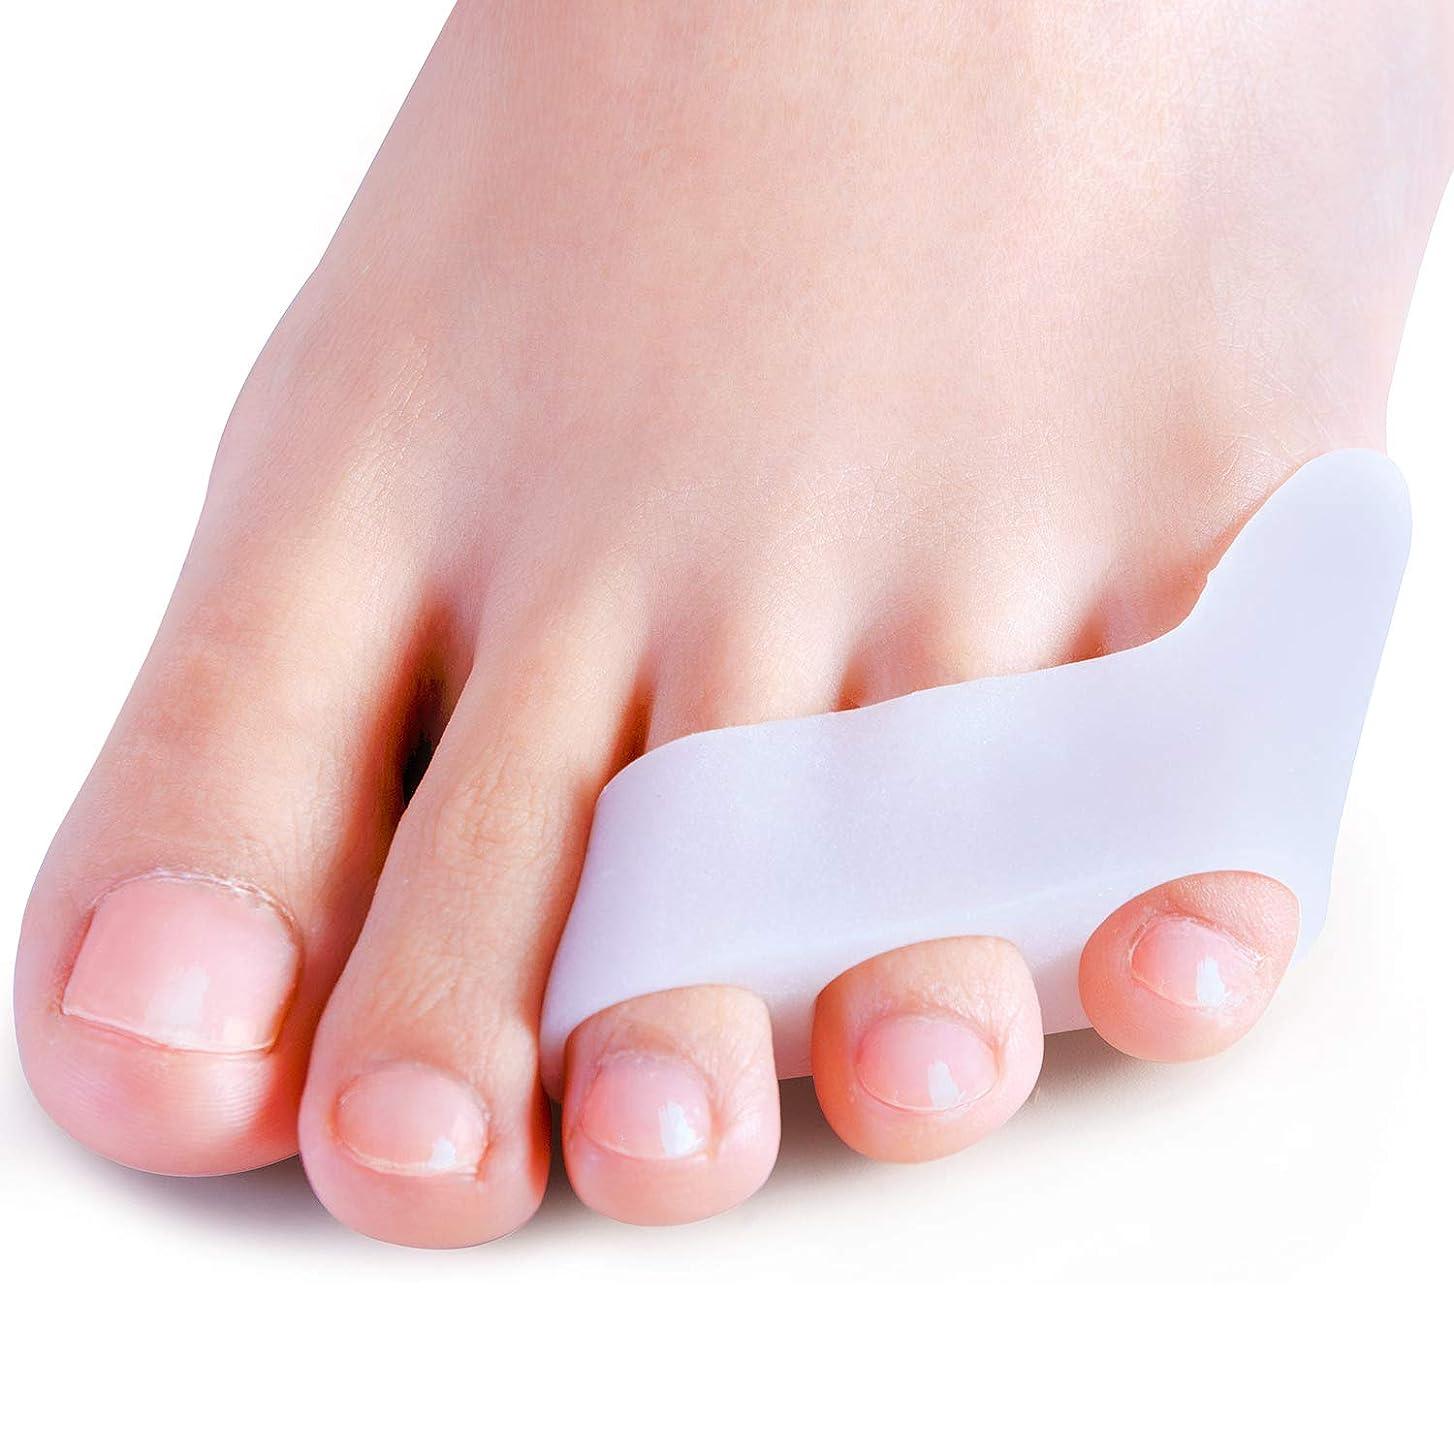 影響オズワルド季節Povihome 10X 足の小指 サポーター,足の小指保護 ?白い